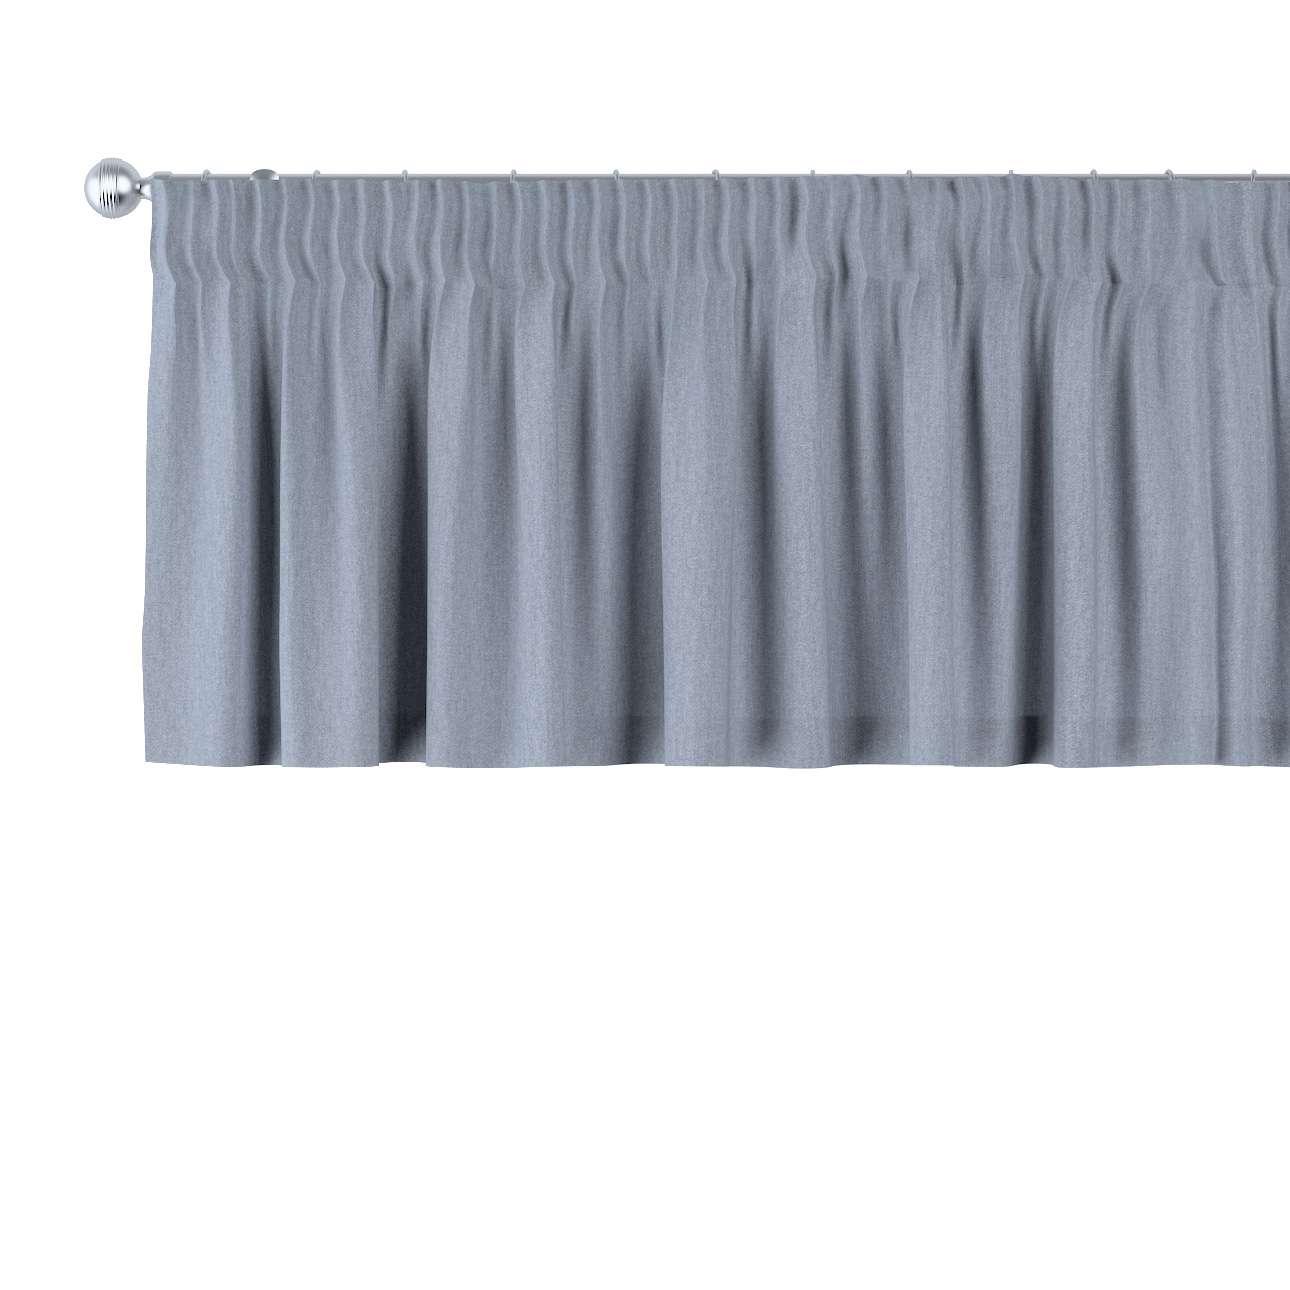 Gardinkappe med rynkebånd 130 x 40 cm fra kollektionen Chenille, Stof: 702-13